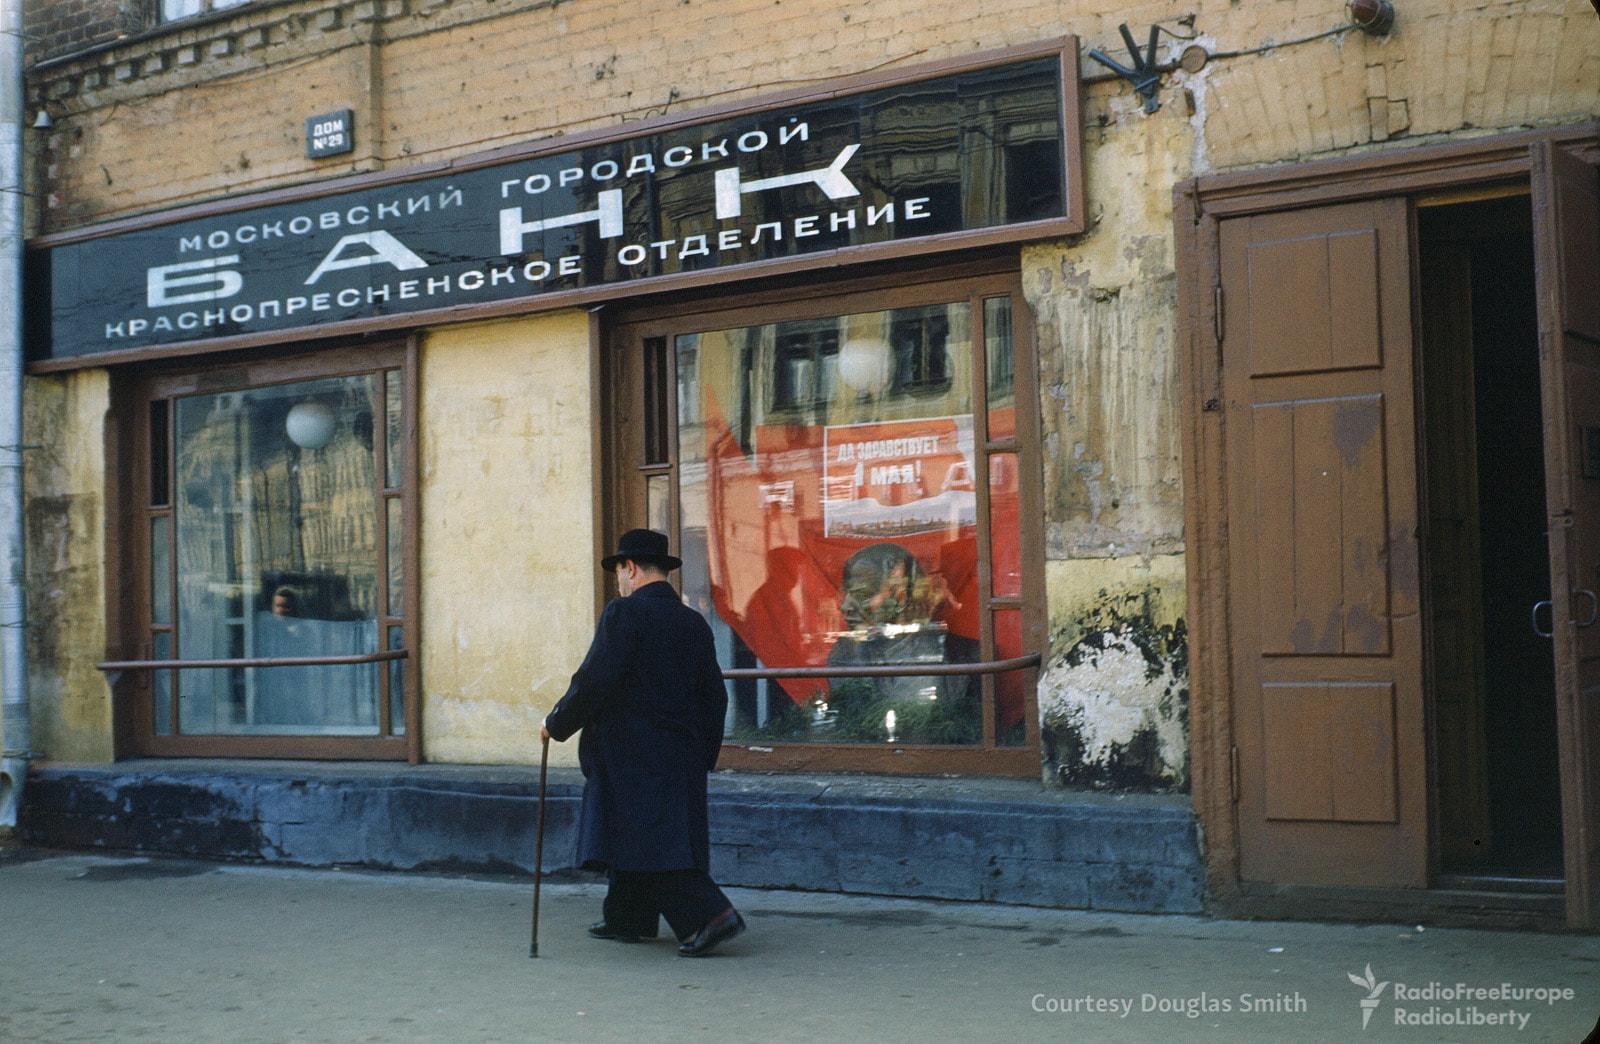 Витрина Московского городского банка